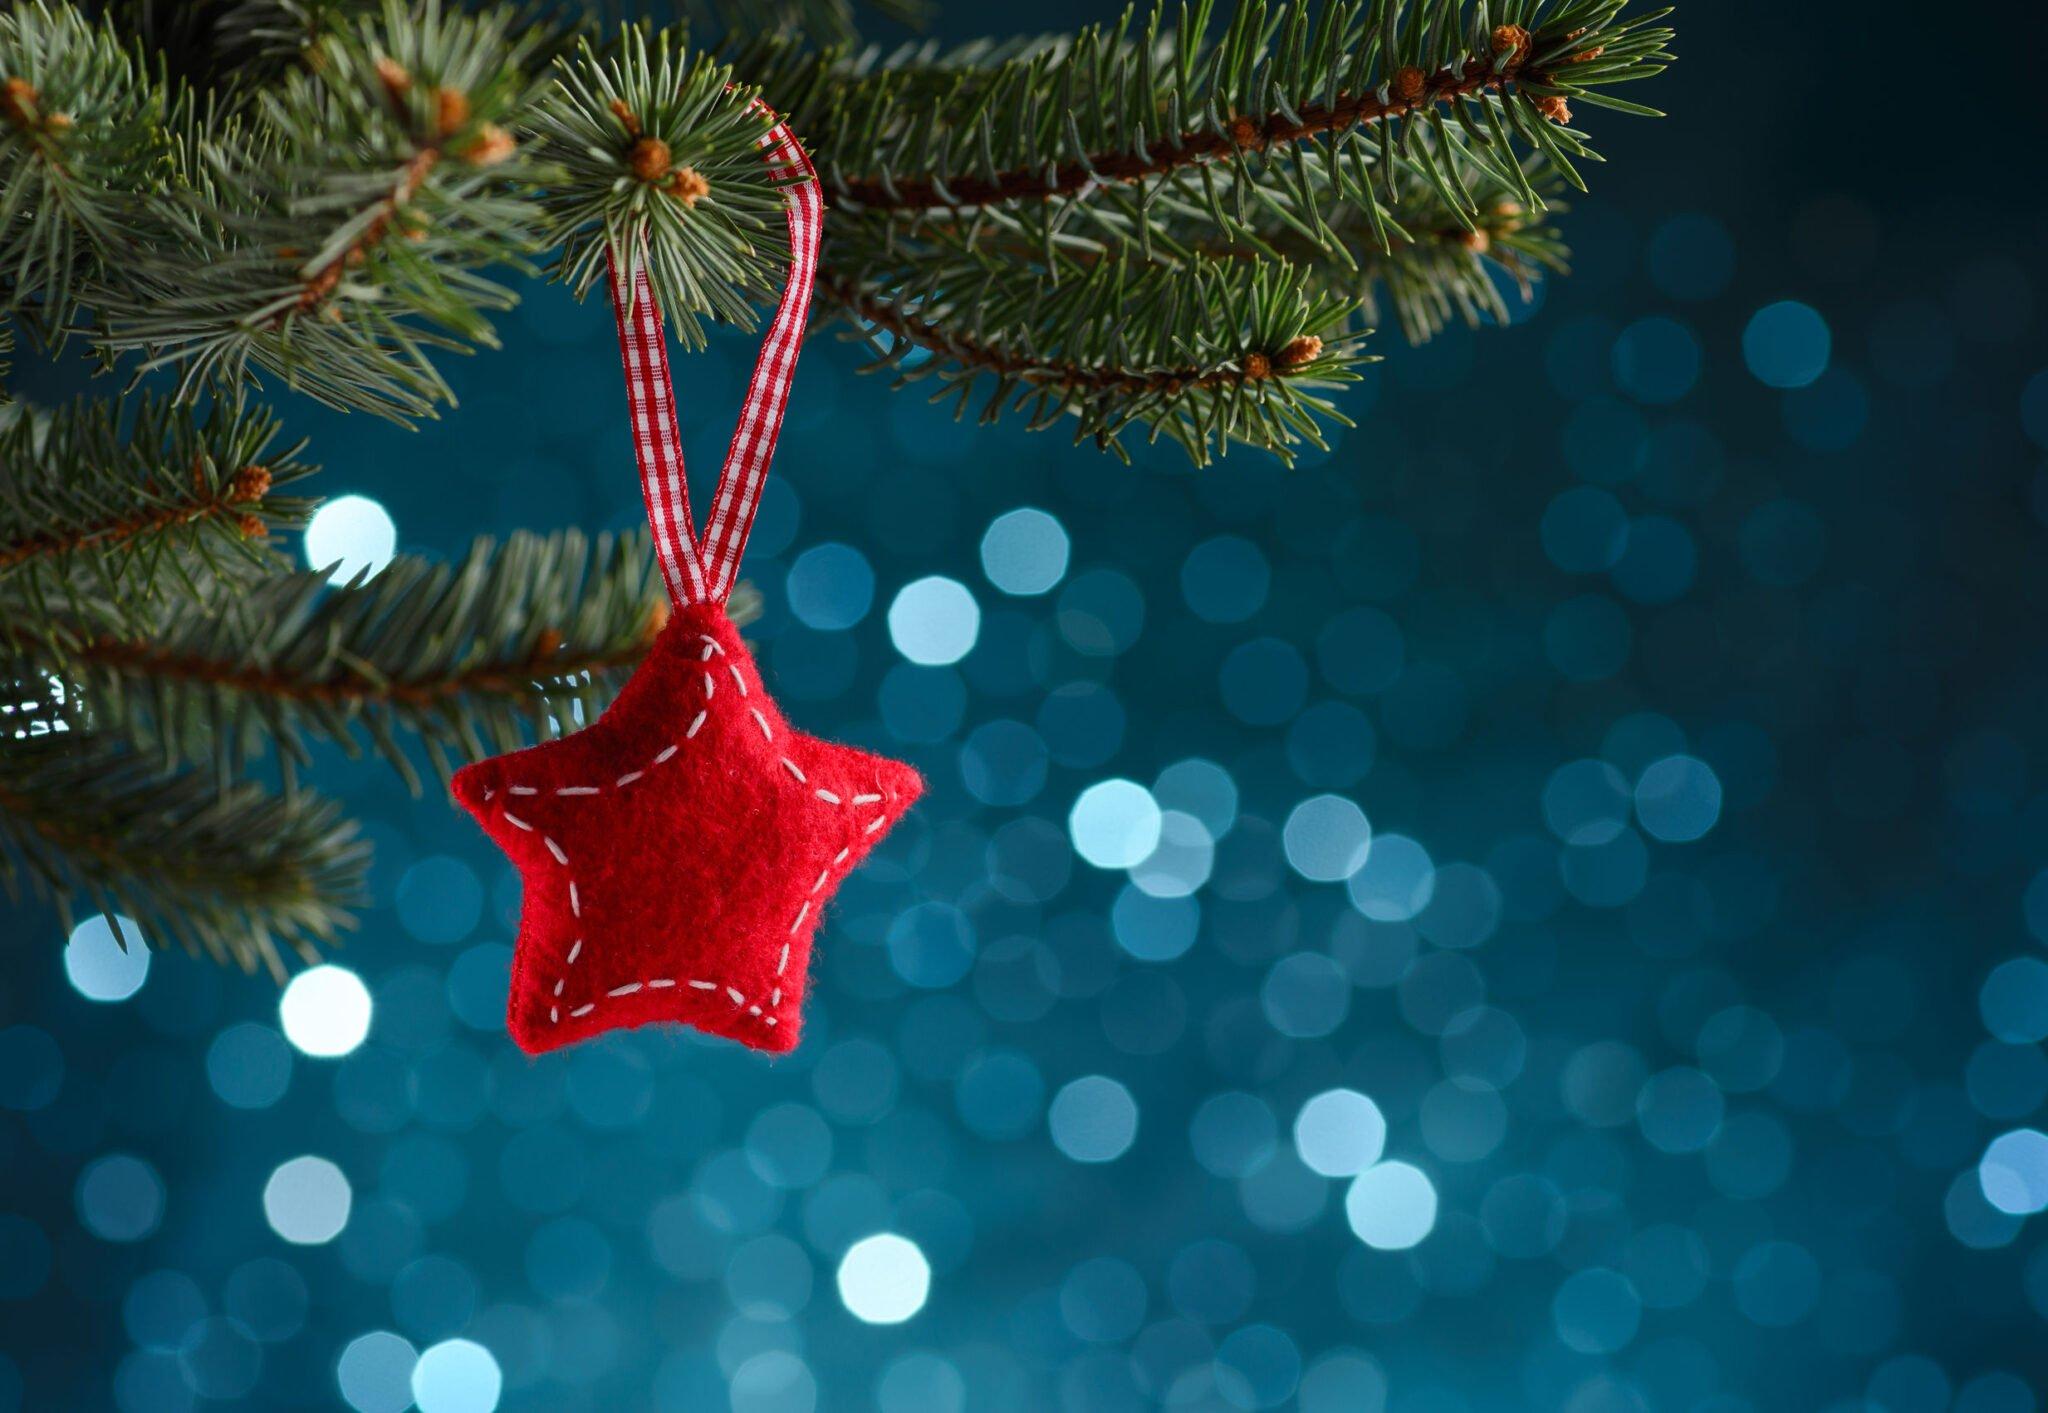 Kerstballen maken / knutselen met kind; originele ideeën oa van papier en piepschuim of versieren - Mamaliefde.nl